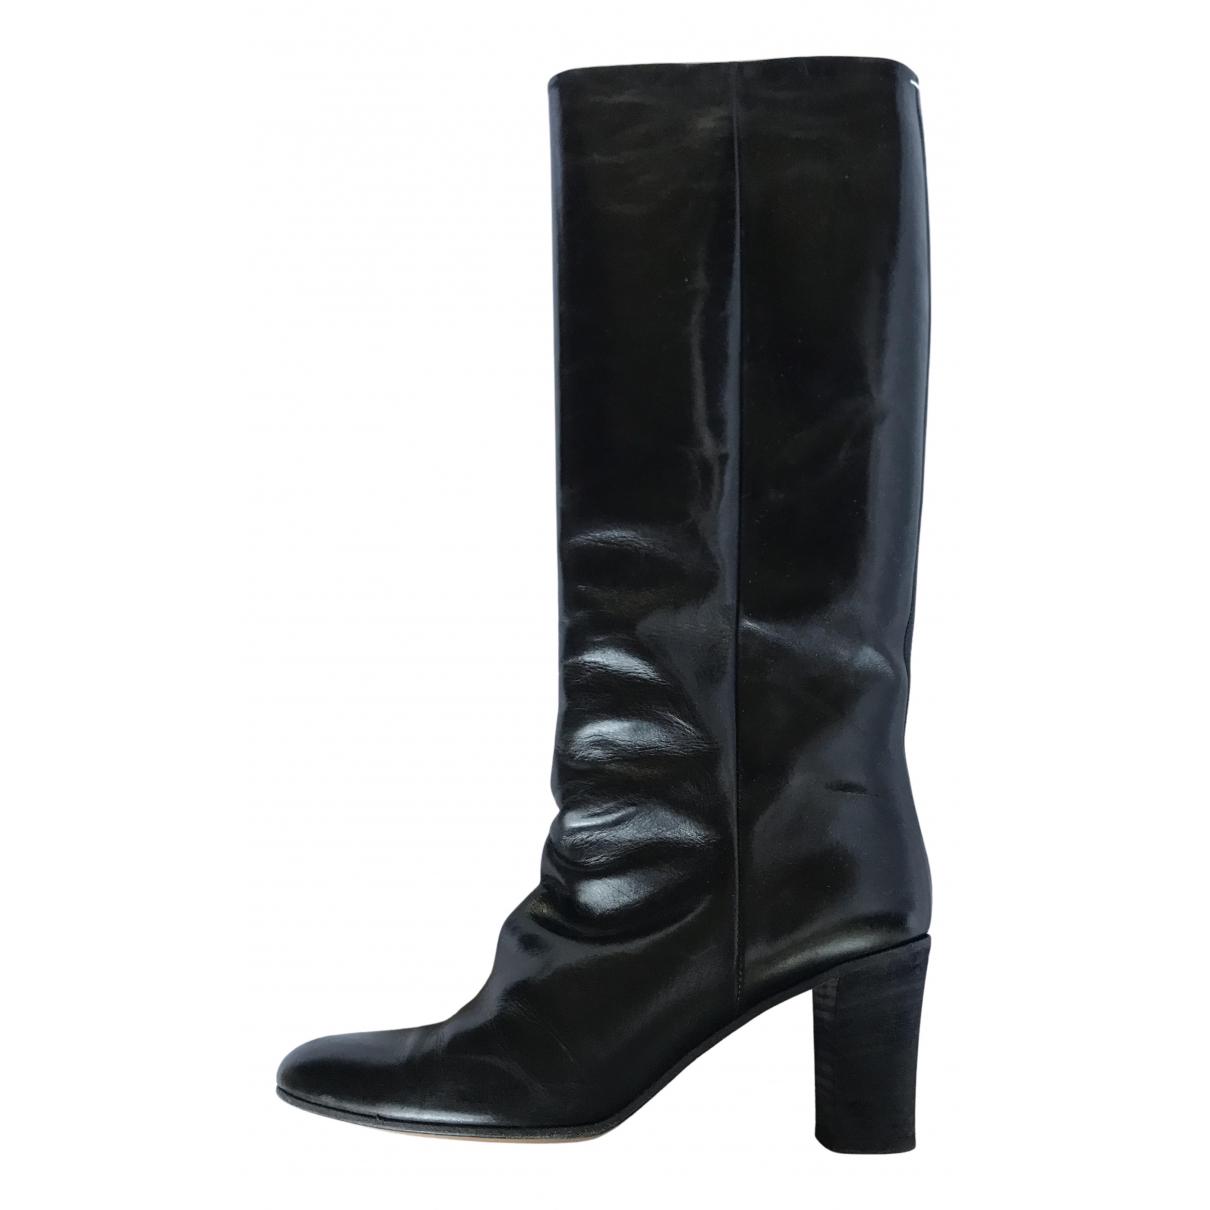 Maison Martin Margiela - Bottes   pour femme en cuir - noir